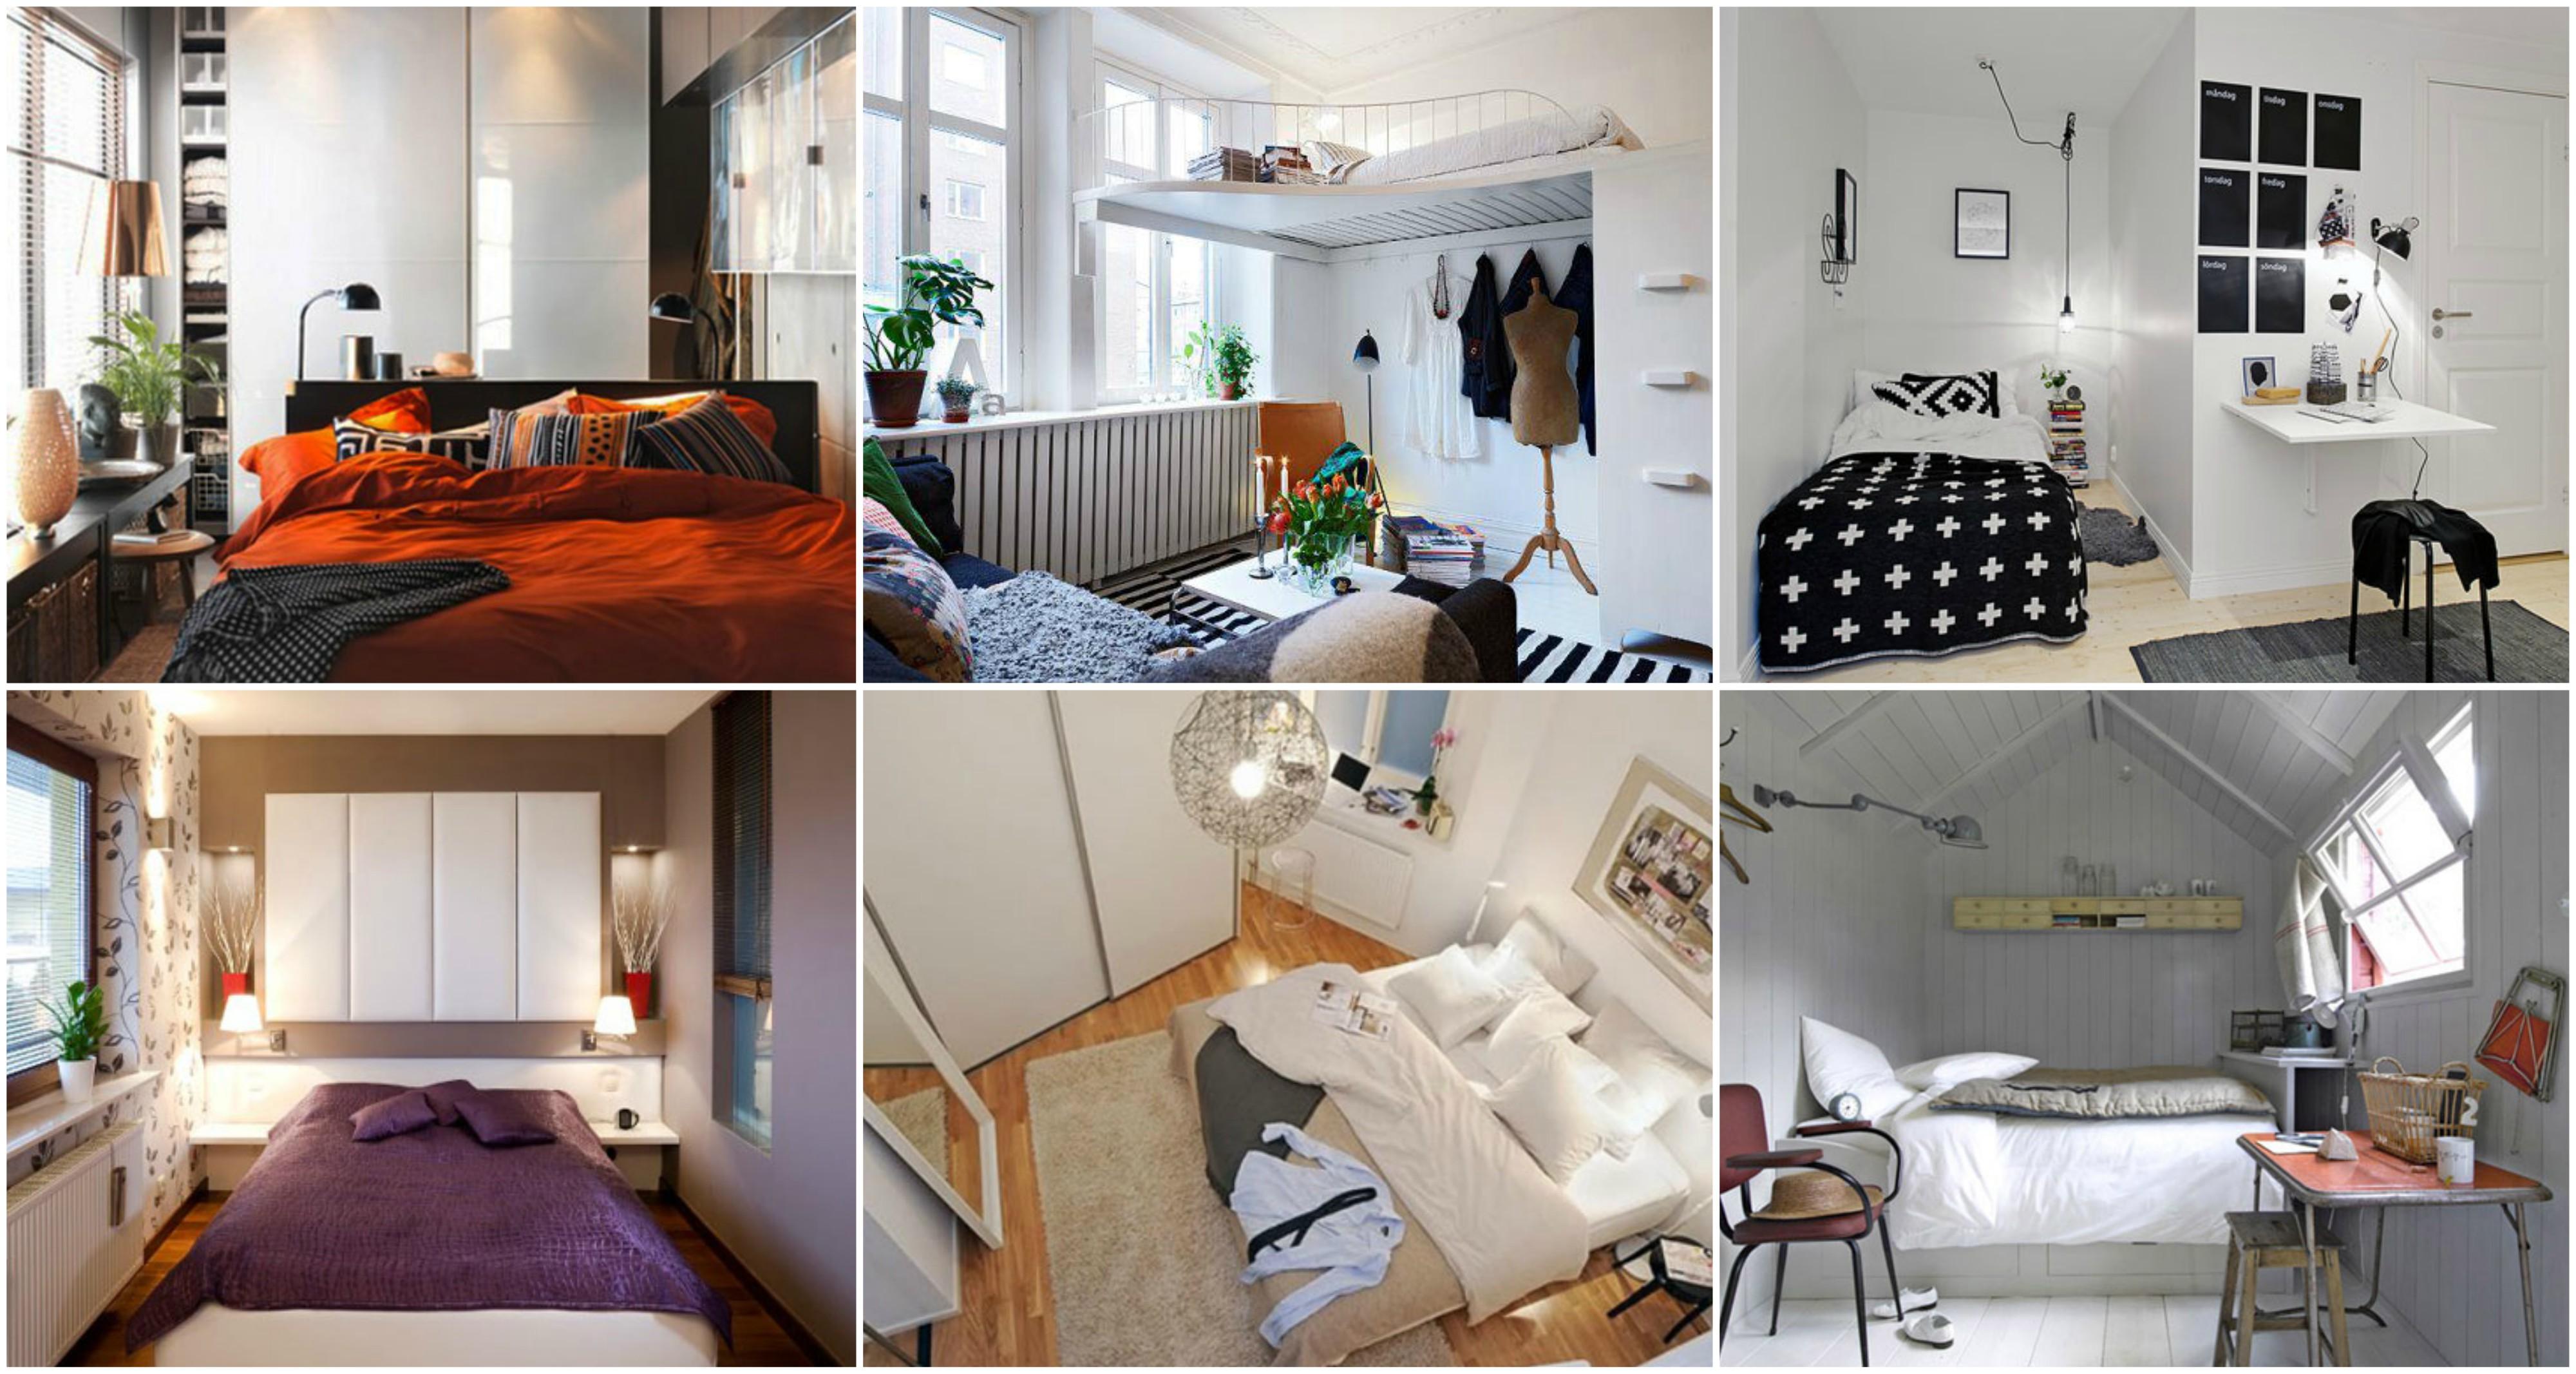 Kleines schlafzimmer platzsparend einrichten - Kleines schlafzimmer ideen ...